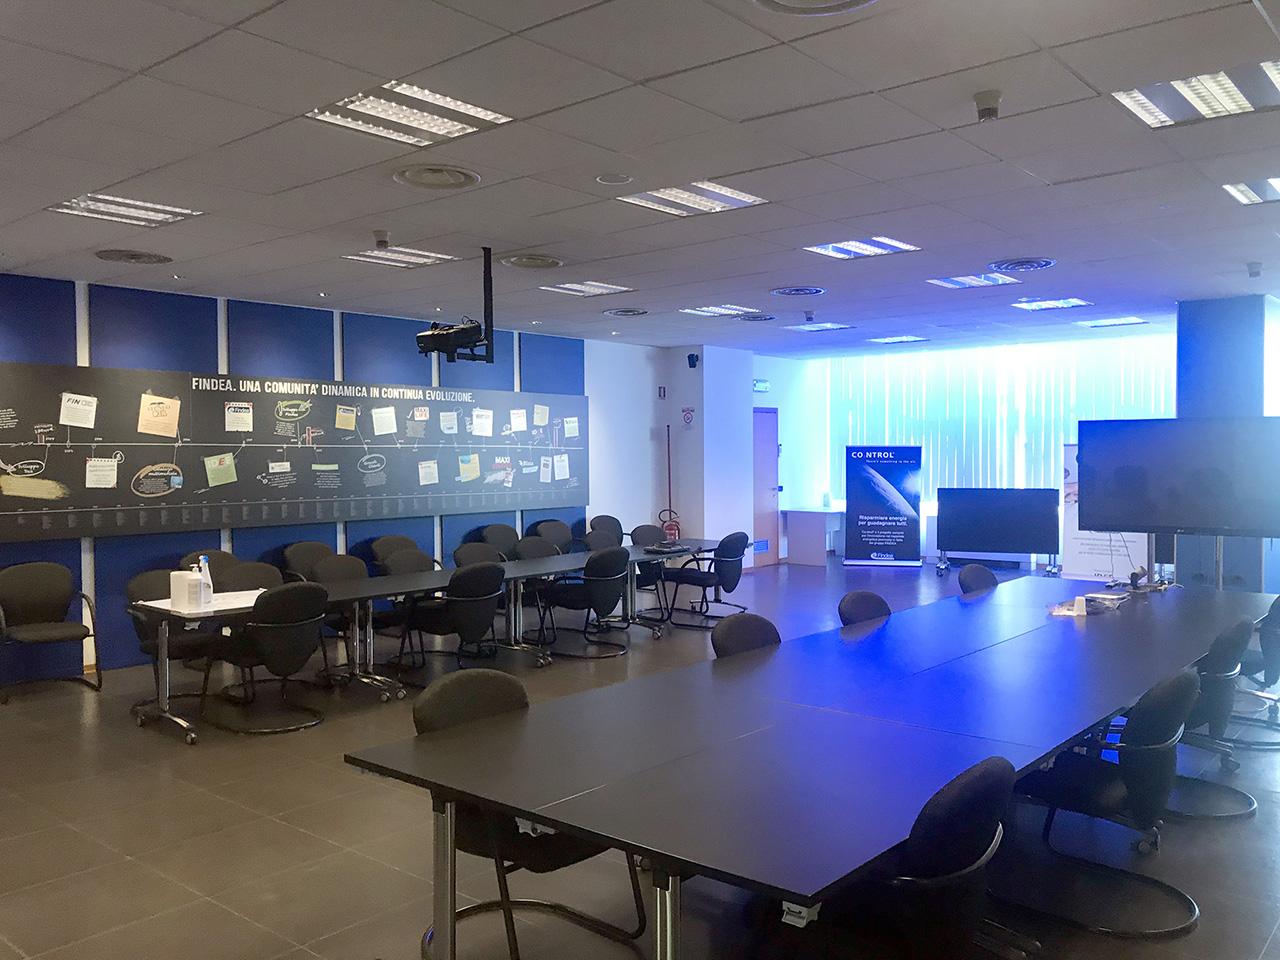 ufficio 677 mq - Atlantic Business Center - quarto piano - sala conferenzeroom